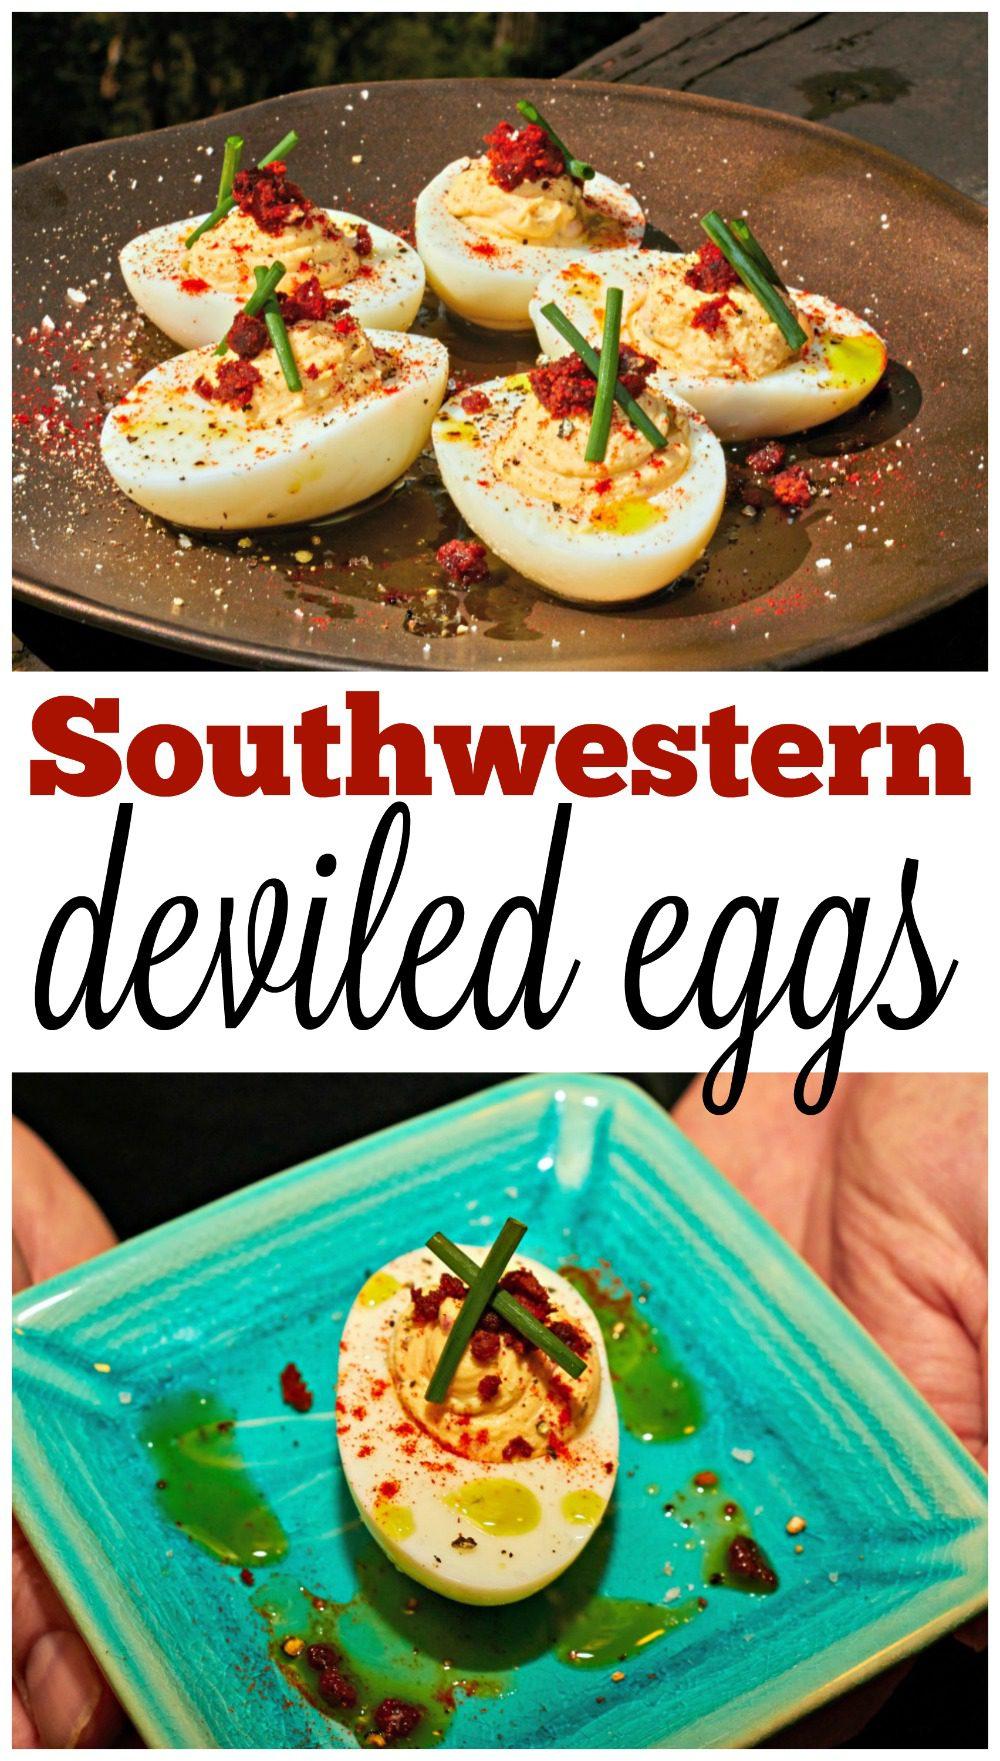 Southwestern Deviled Eggs